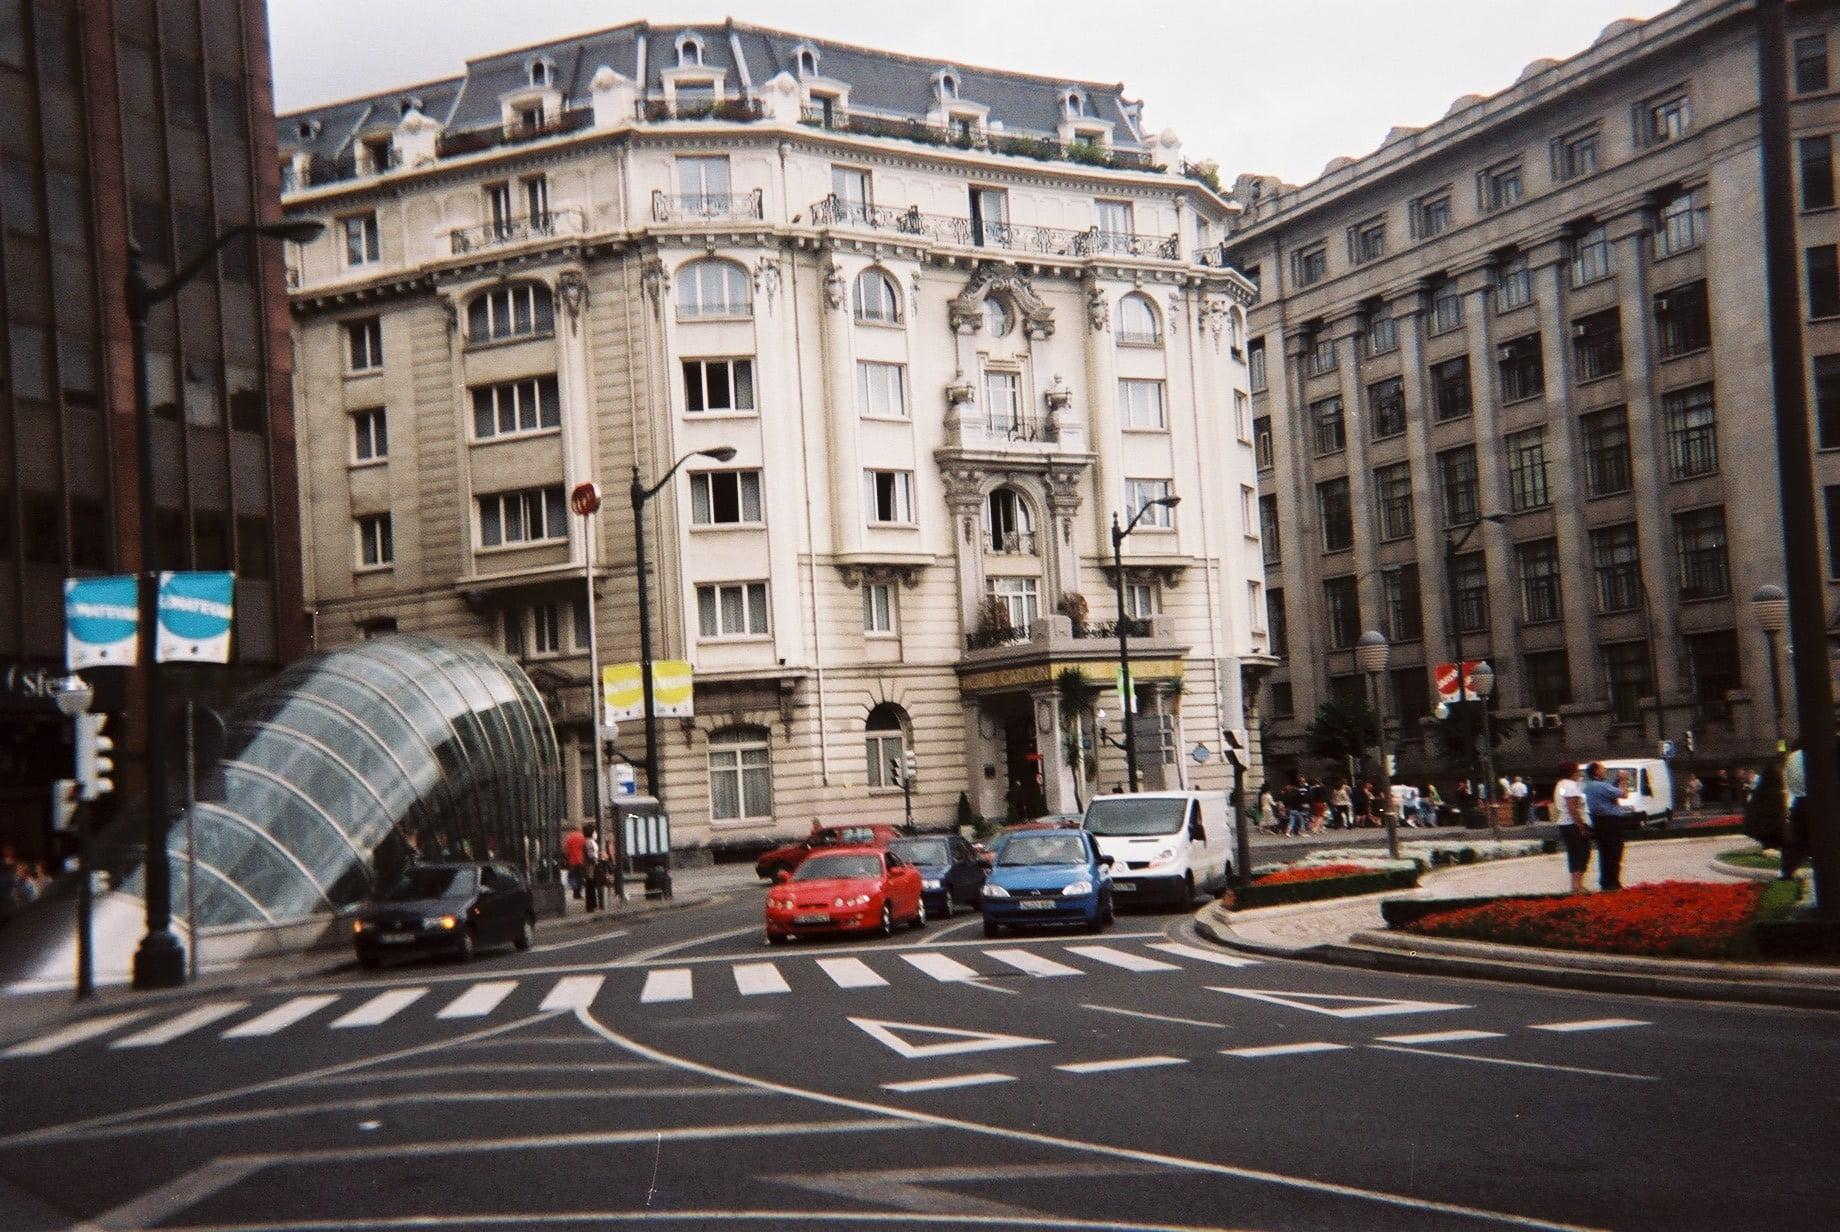 Carlton de Bilbao